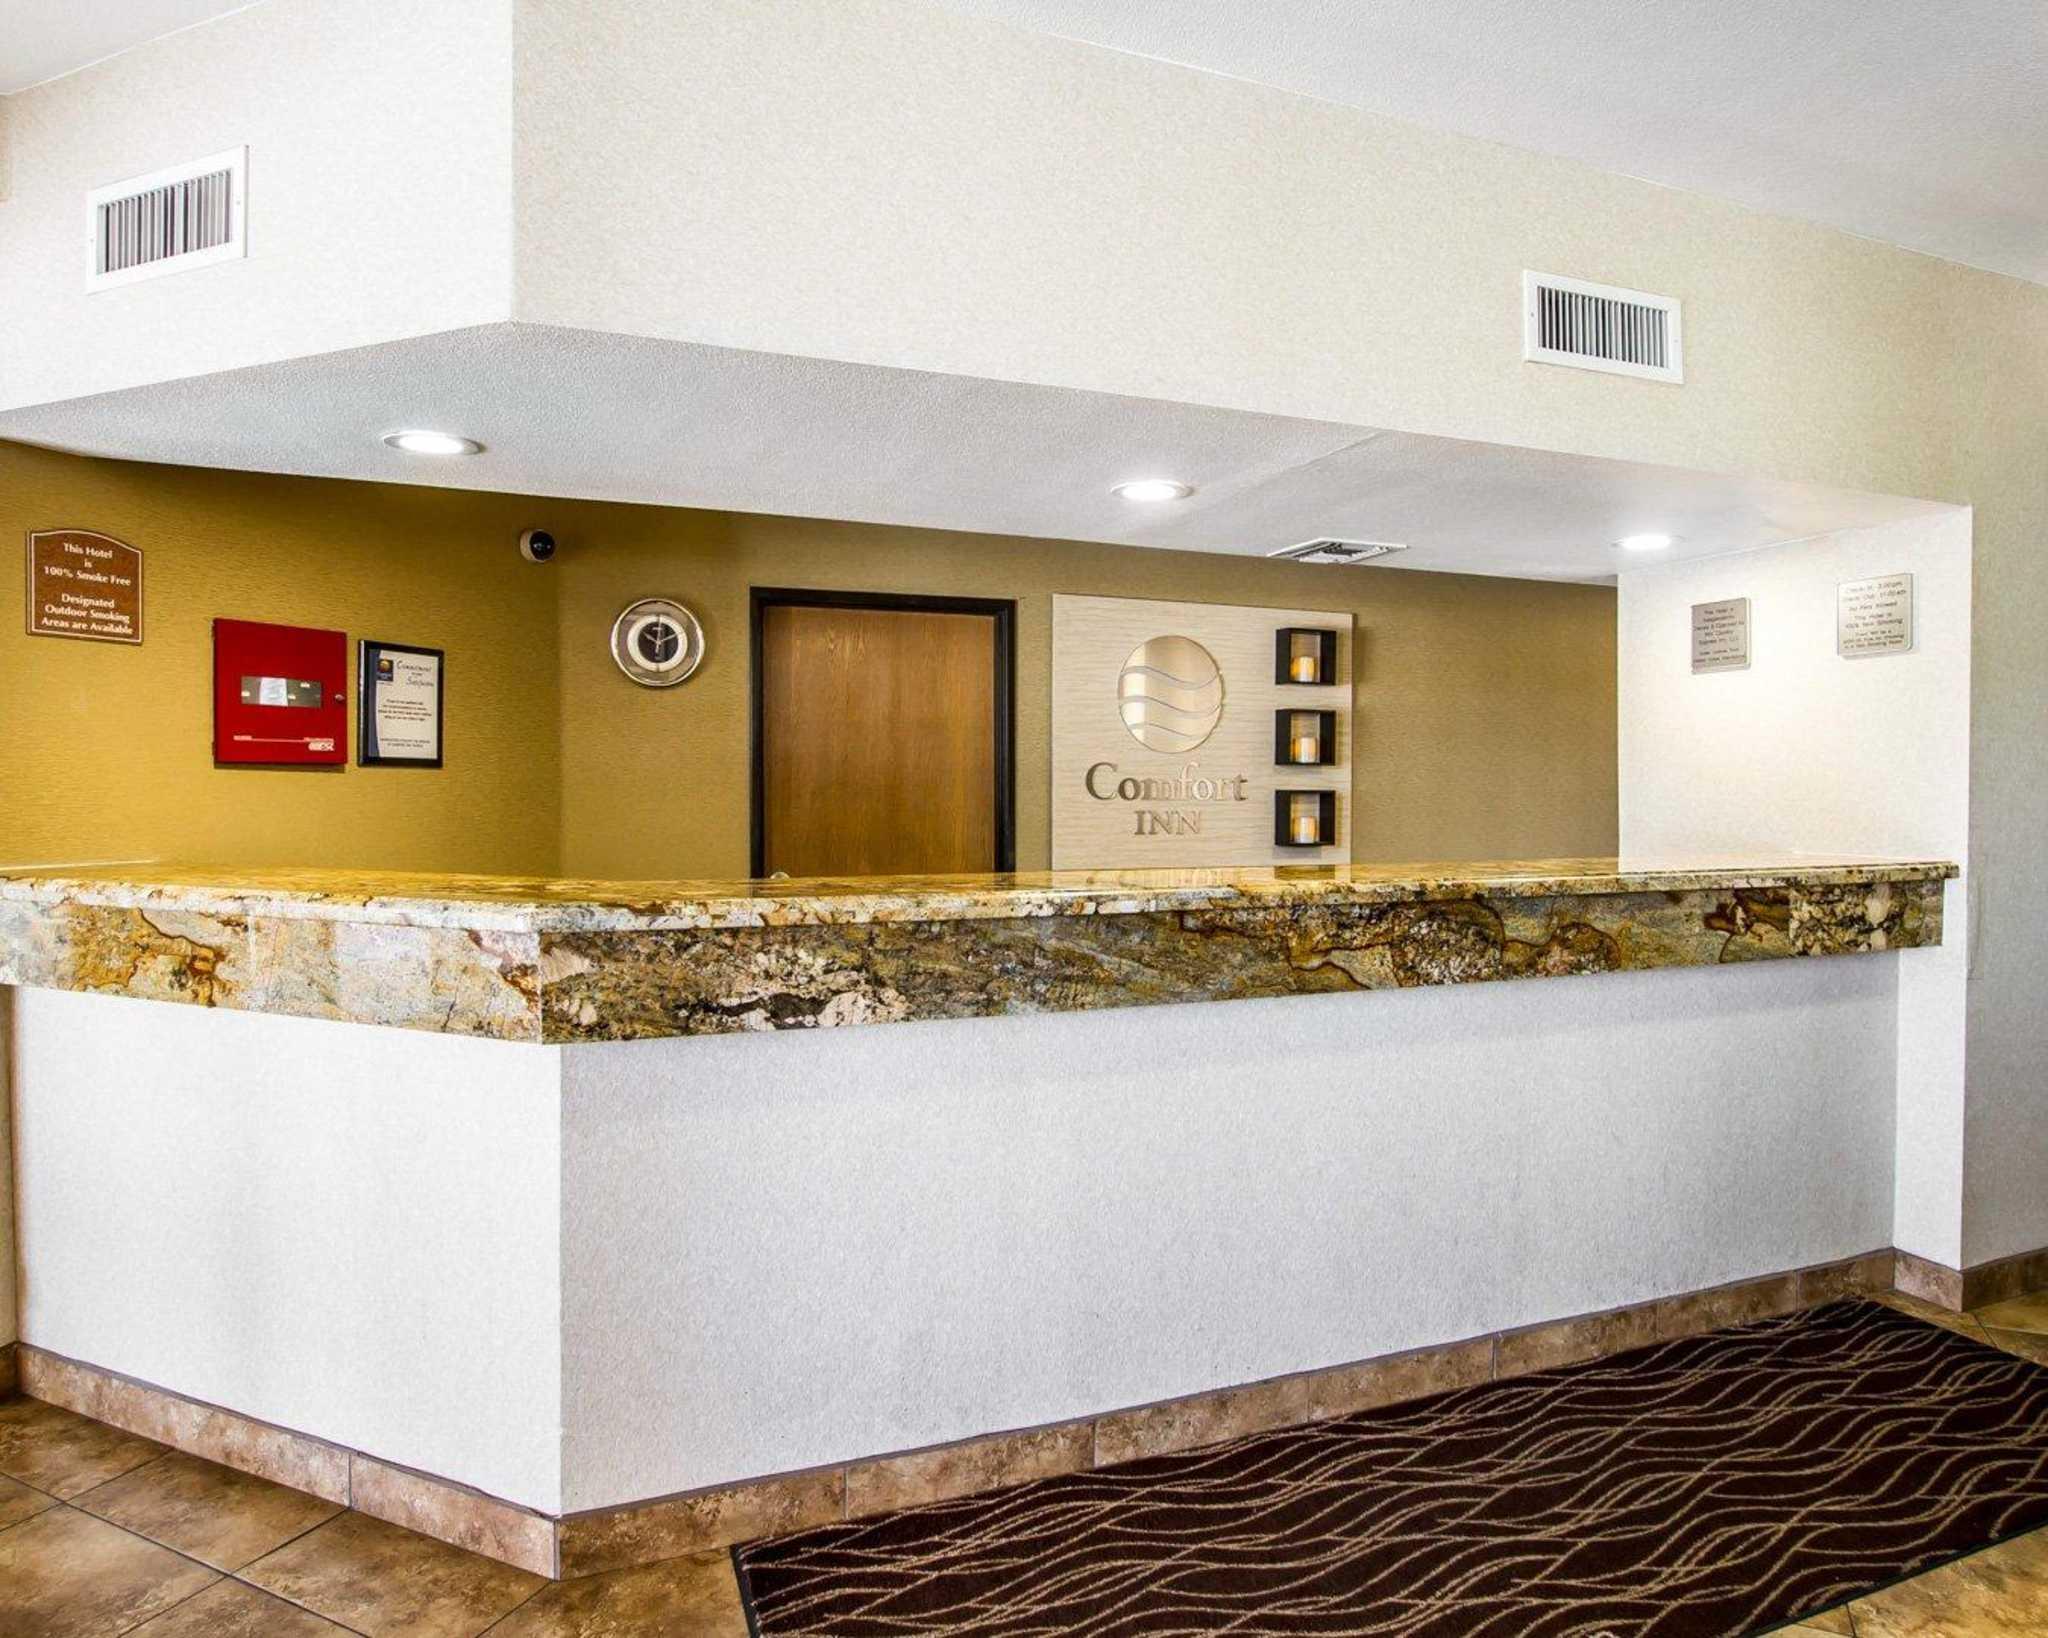 Comfort Inn image 19